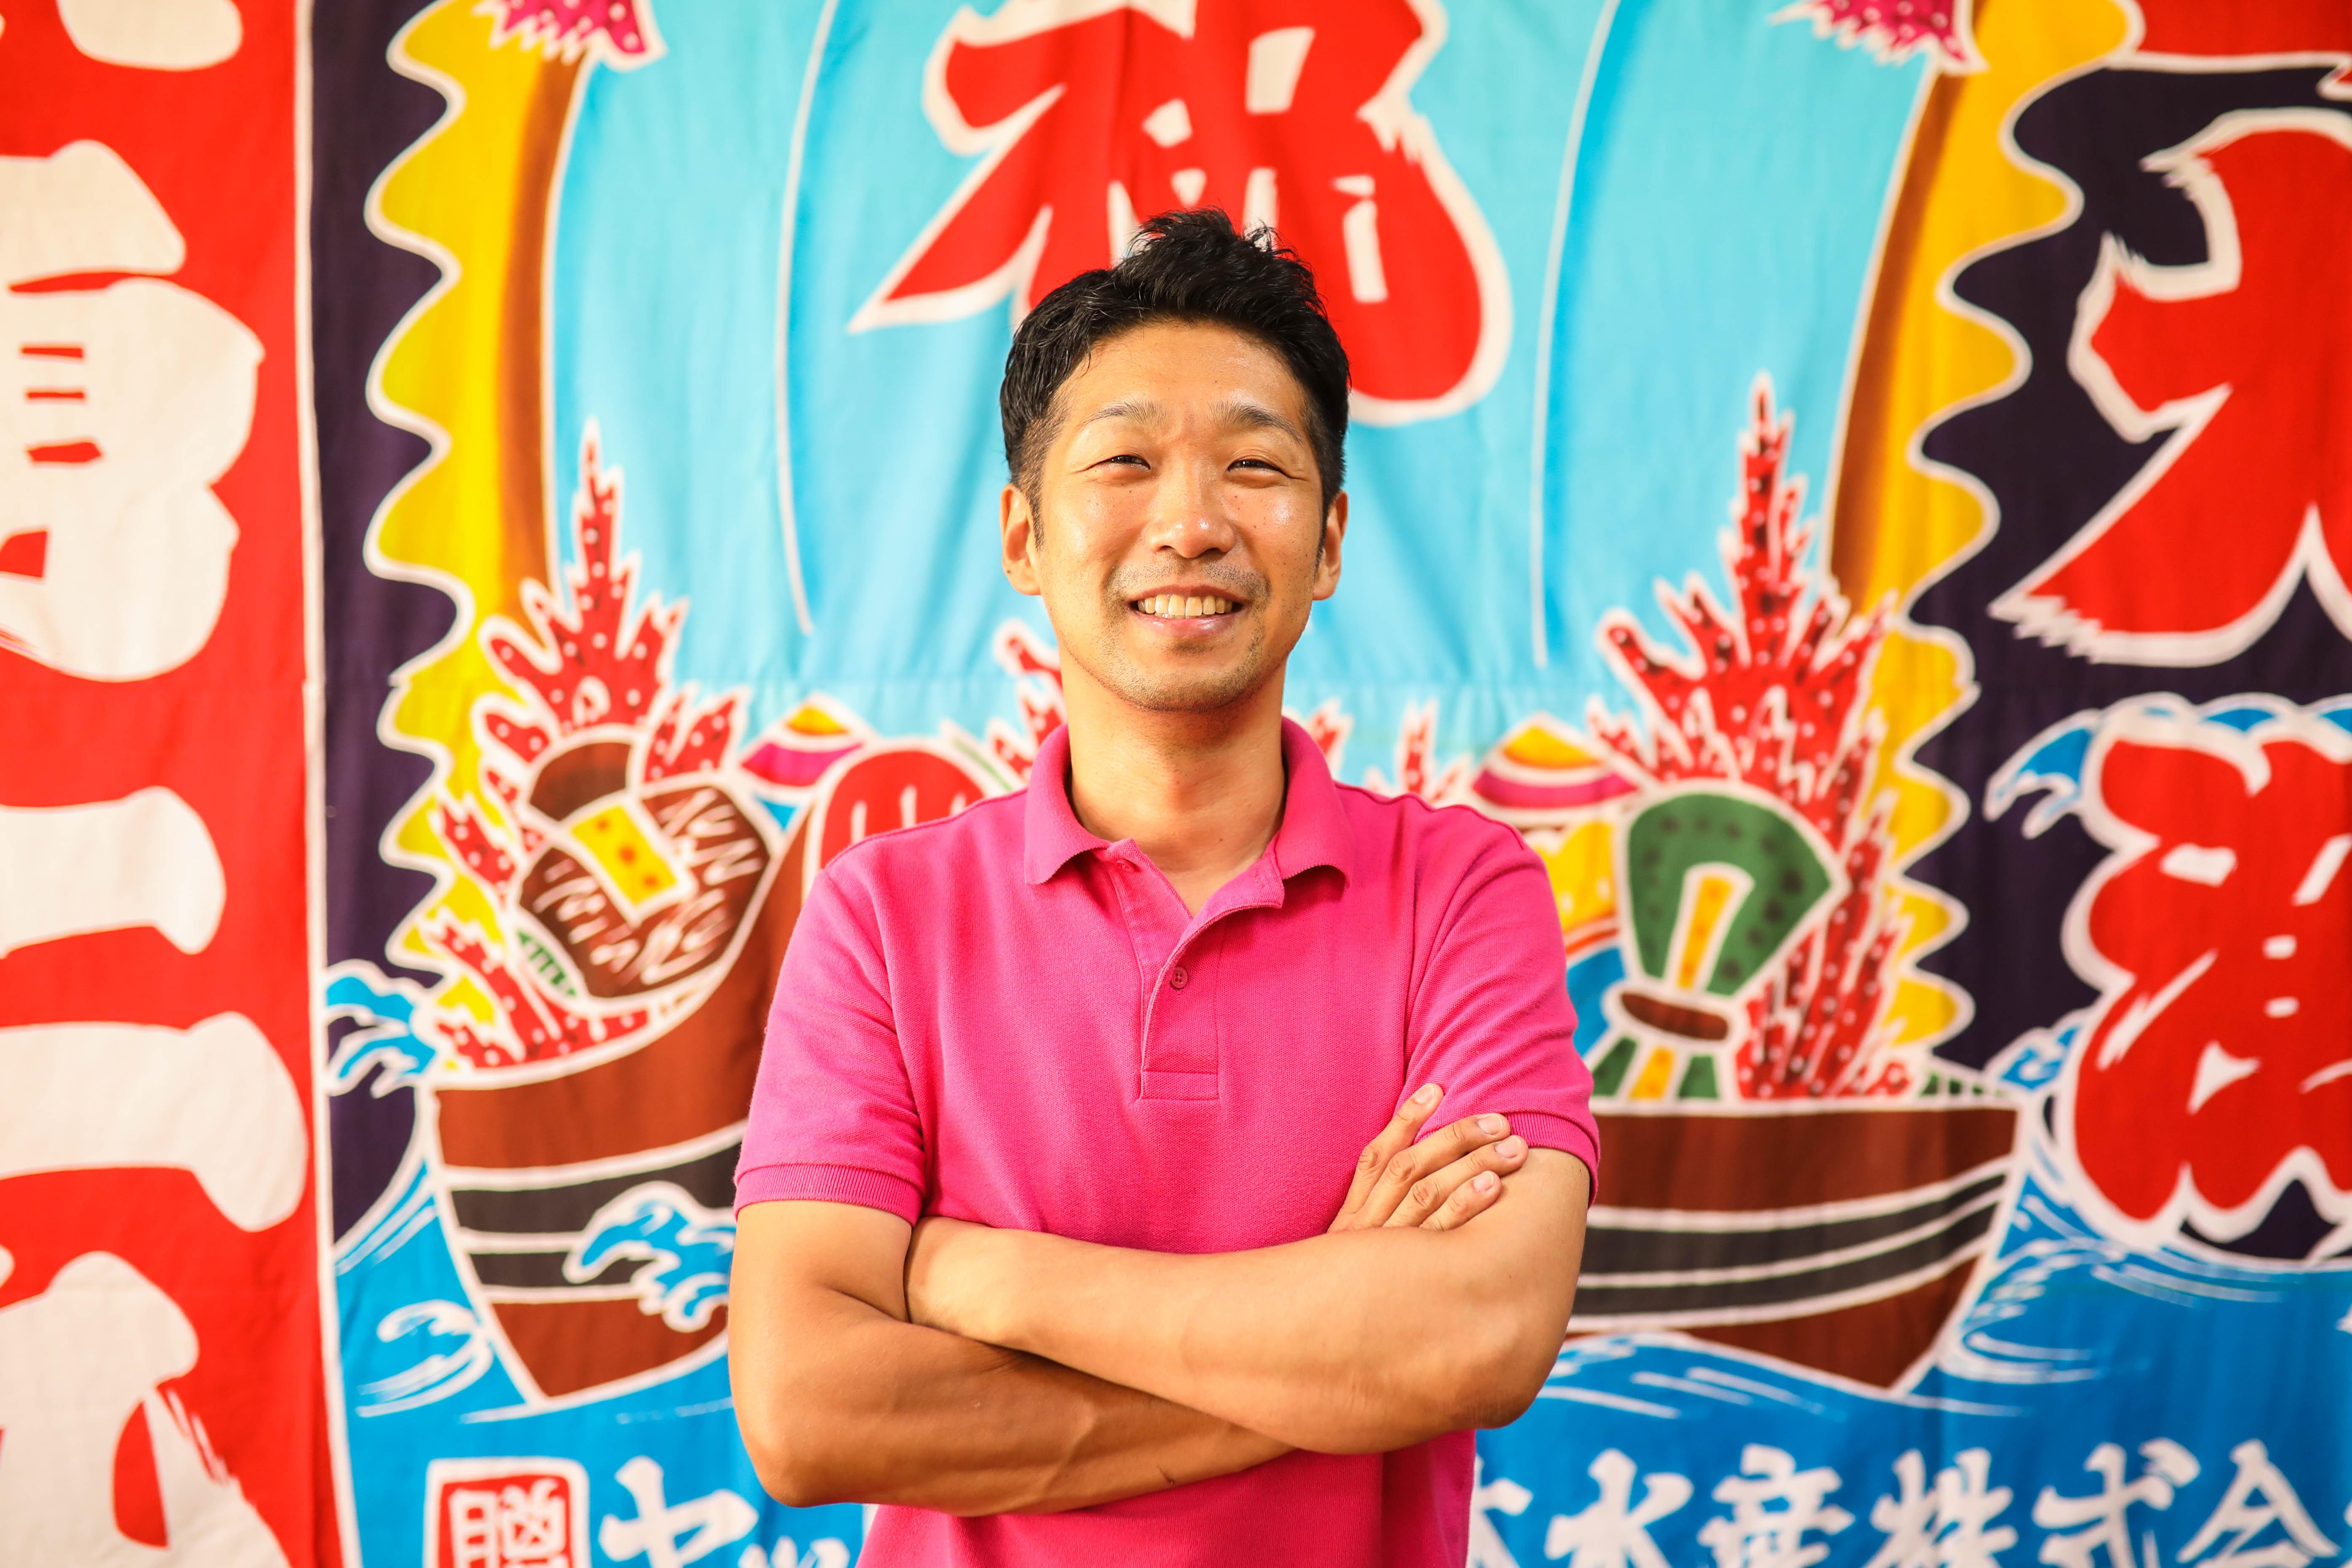 かっこいい魚屋であり続ける。上町池澤本店 / 池澤秀郎